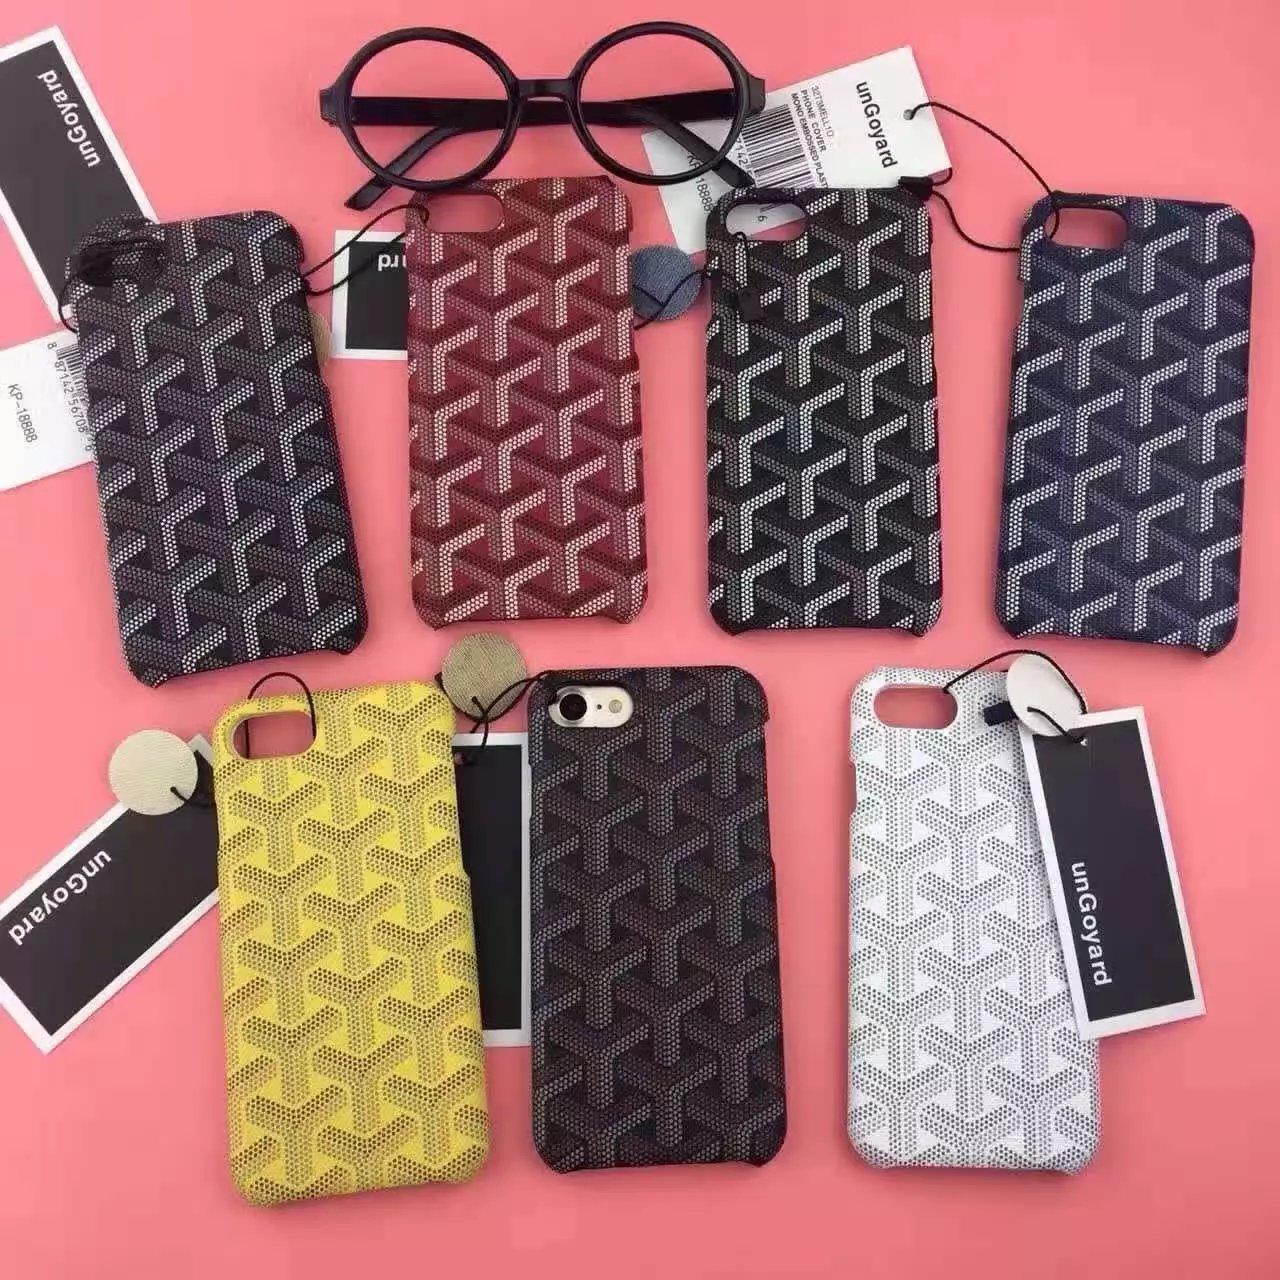 ゴヤール iPhone7ケース ファッション品